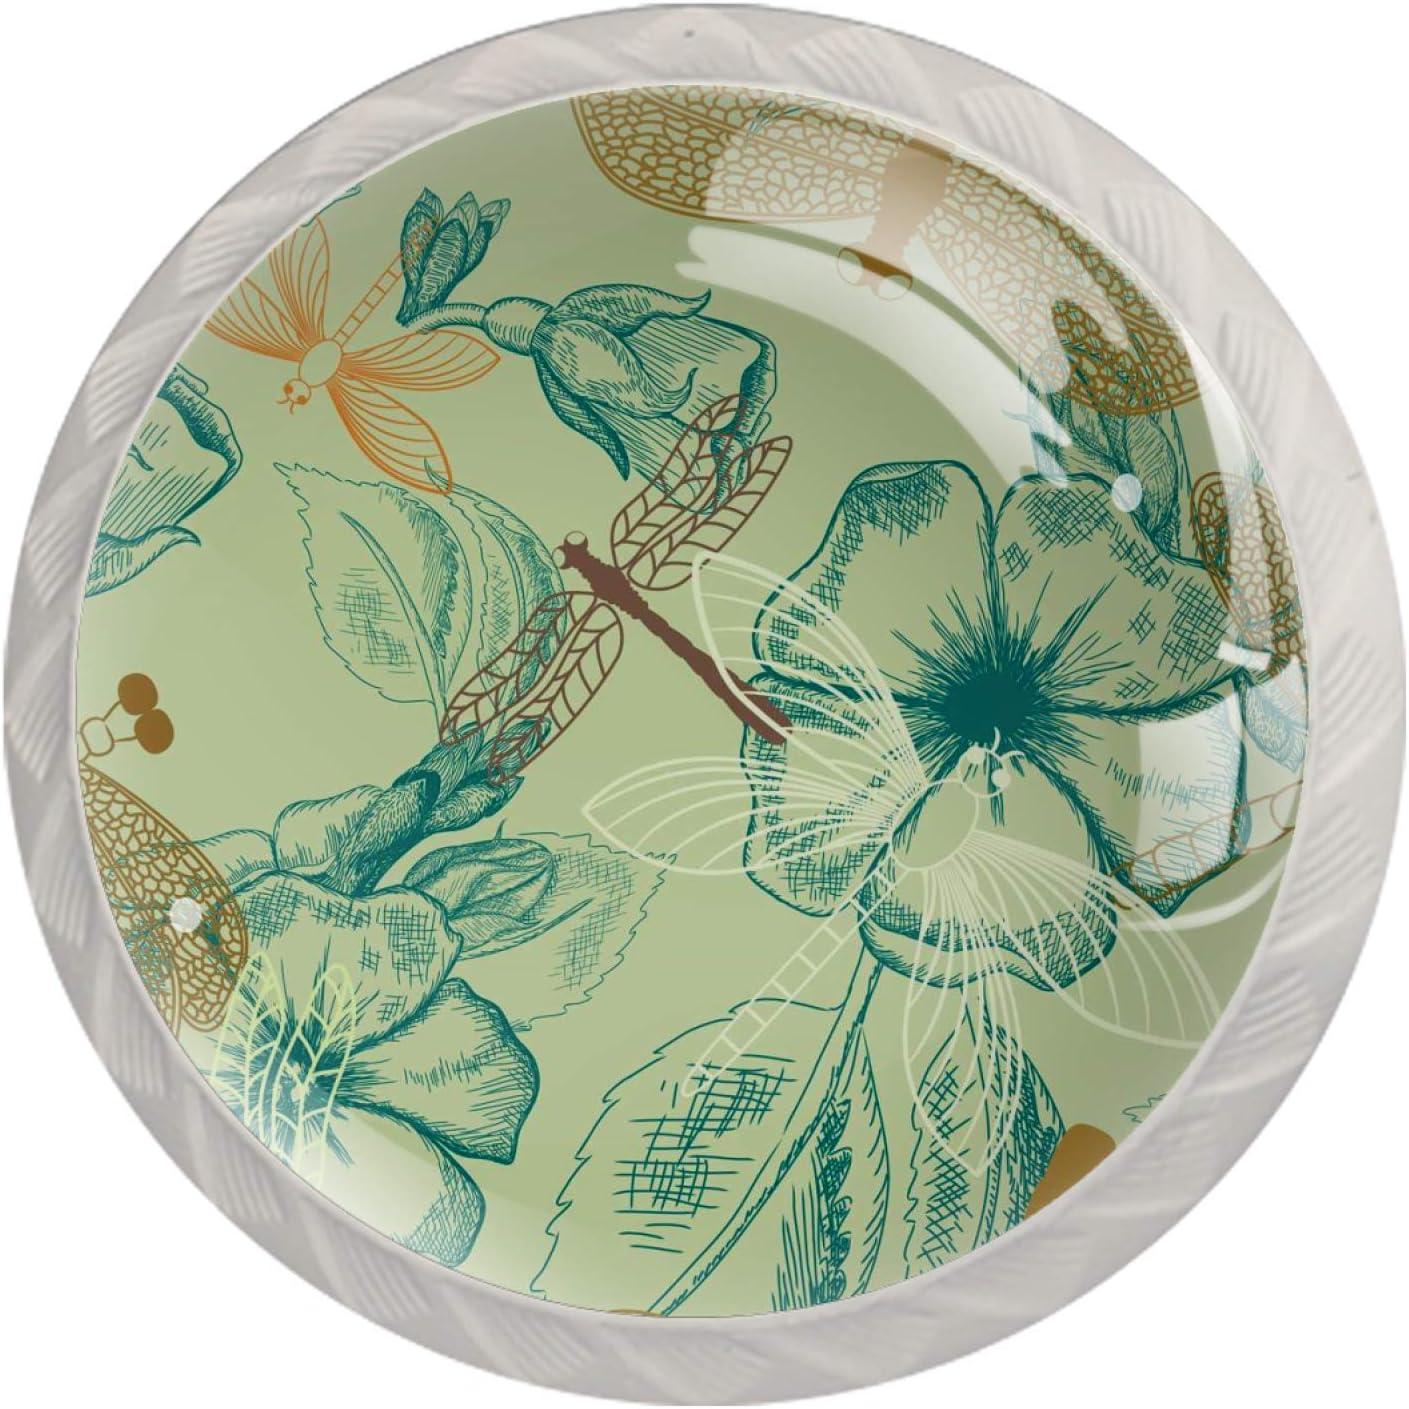 Set Ranking TOP14 of 4 Glass Knobs Color Cabinet Desig Design Vintage New item